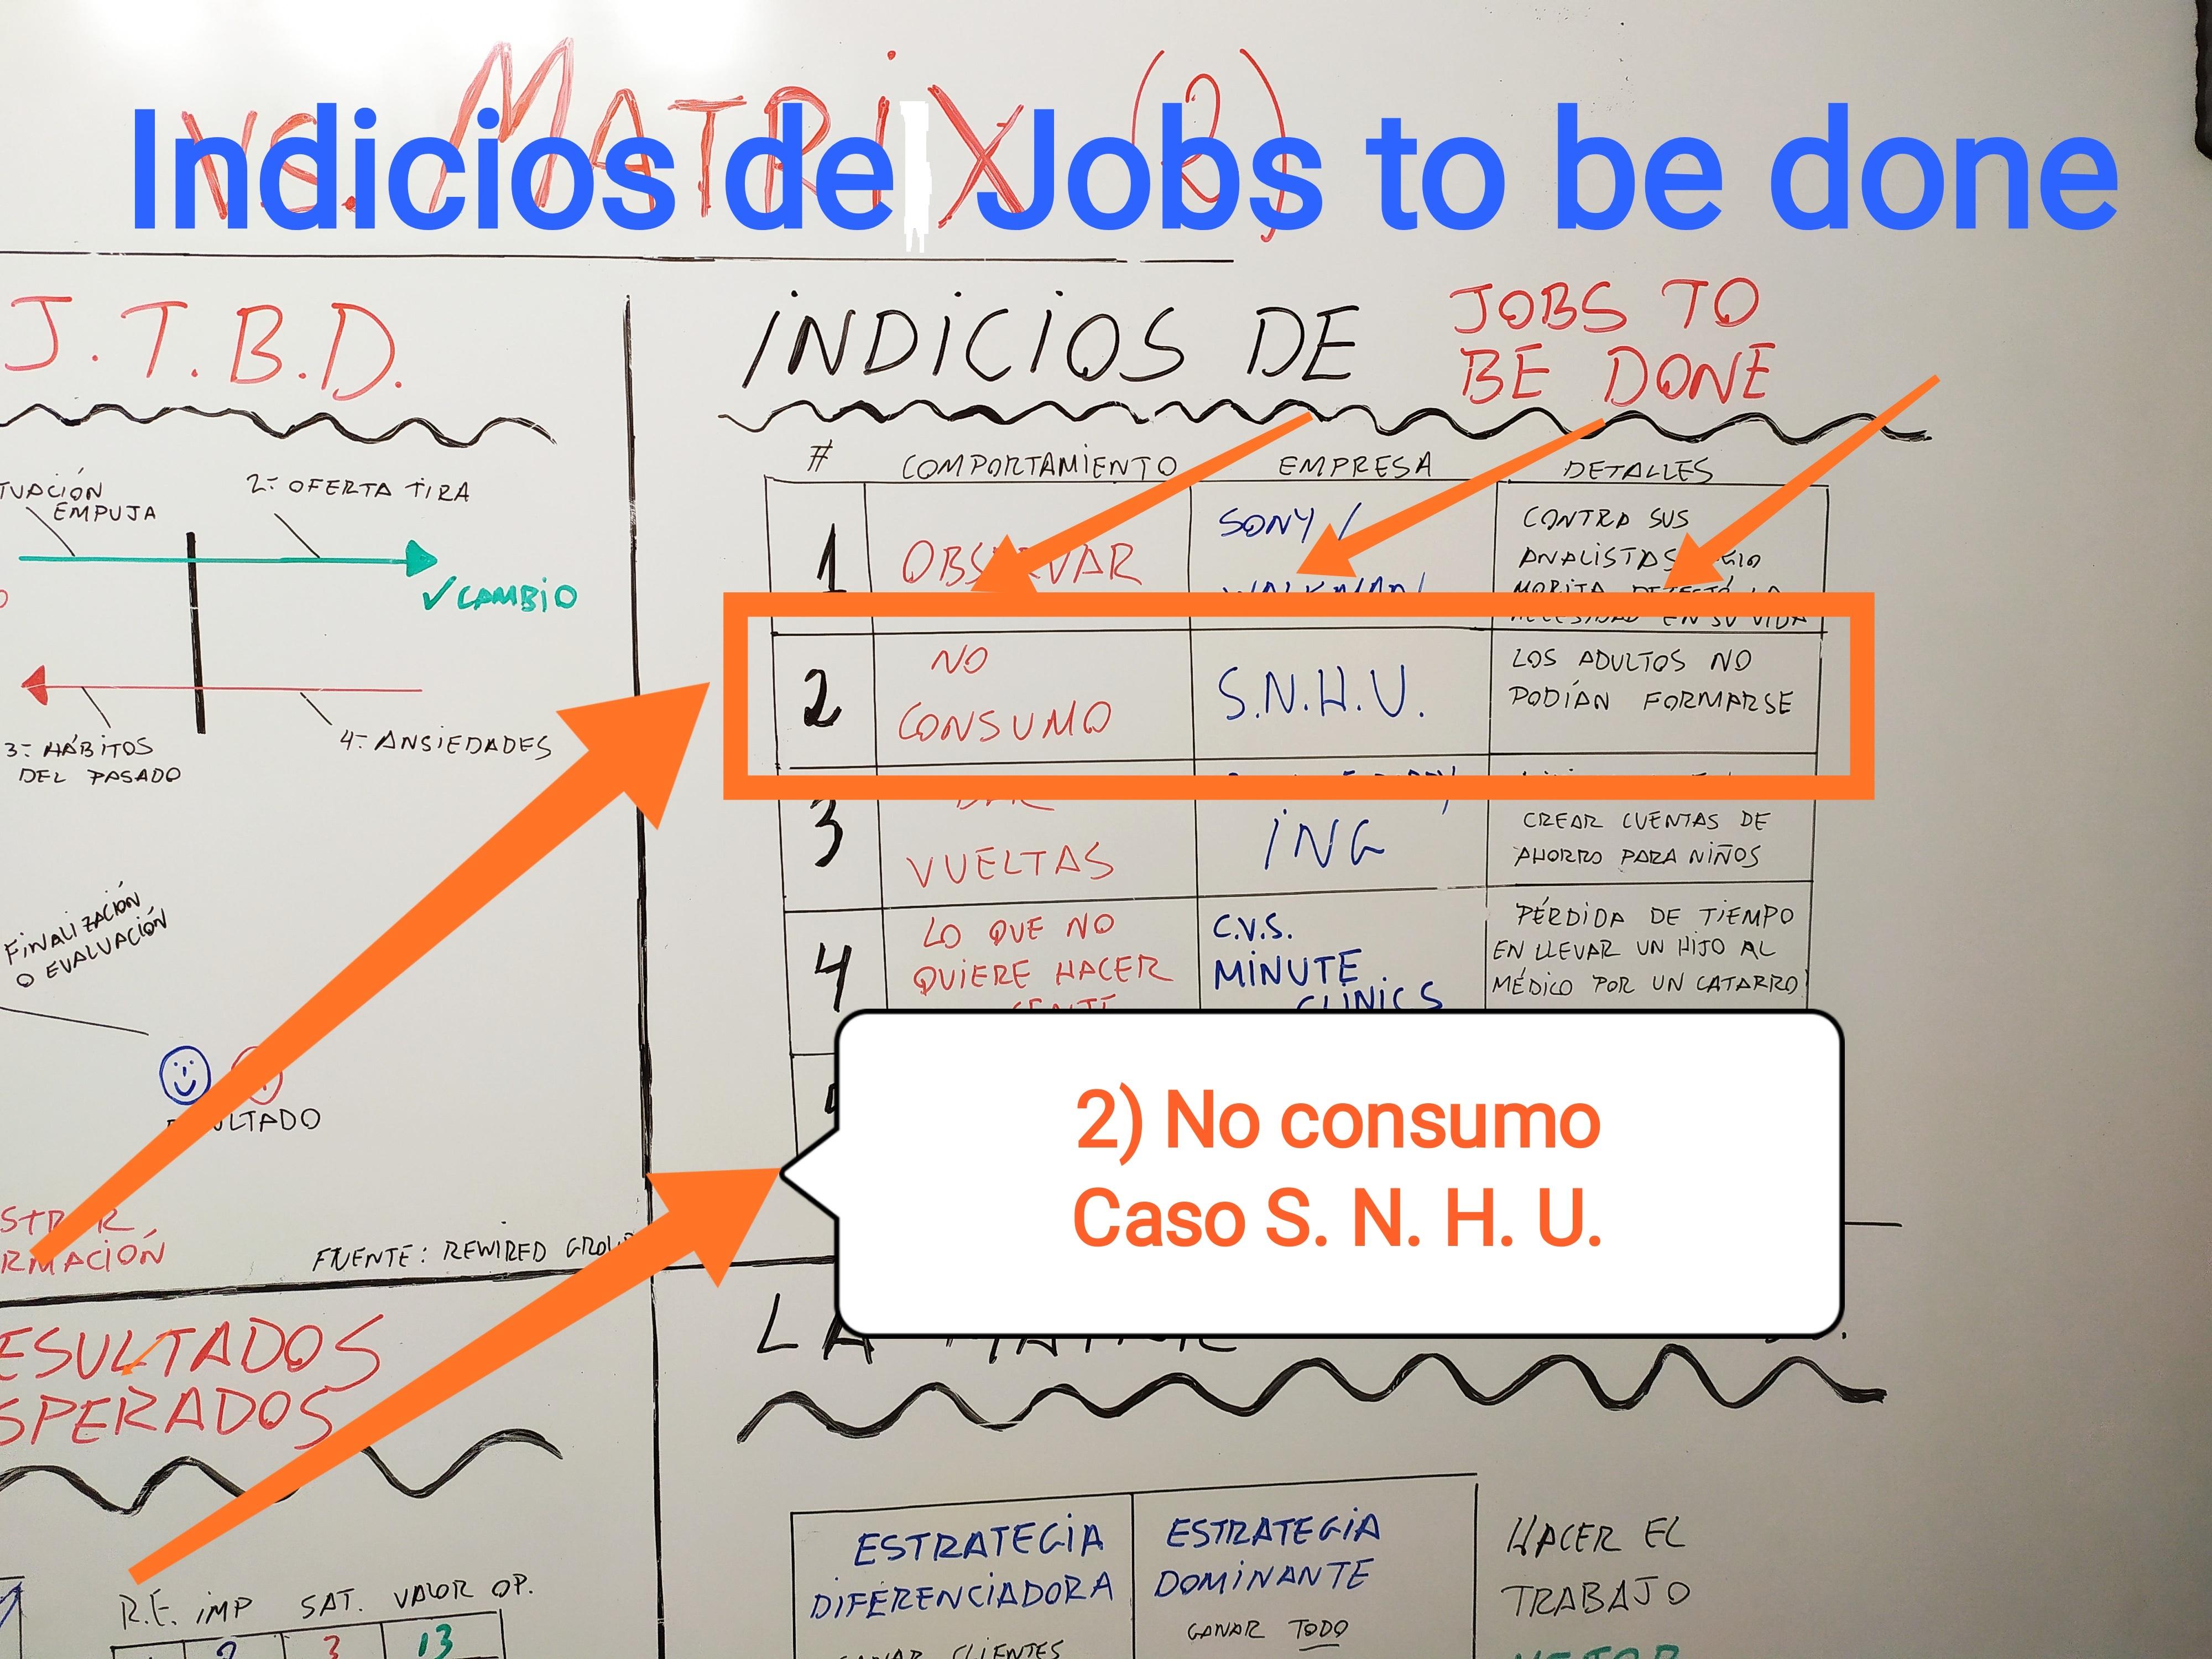 Indicios del Jobs to be done: 2) No consumo. Oportunidades de negocio.